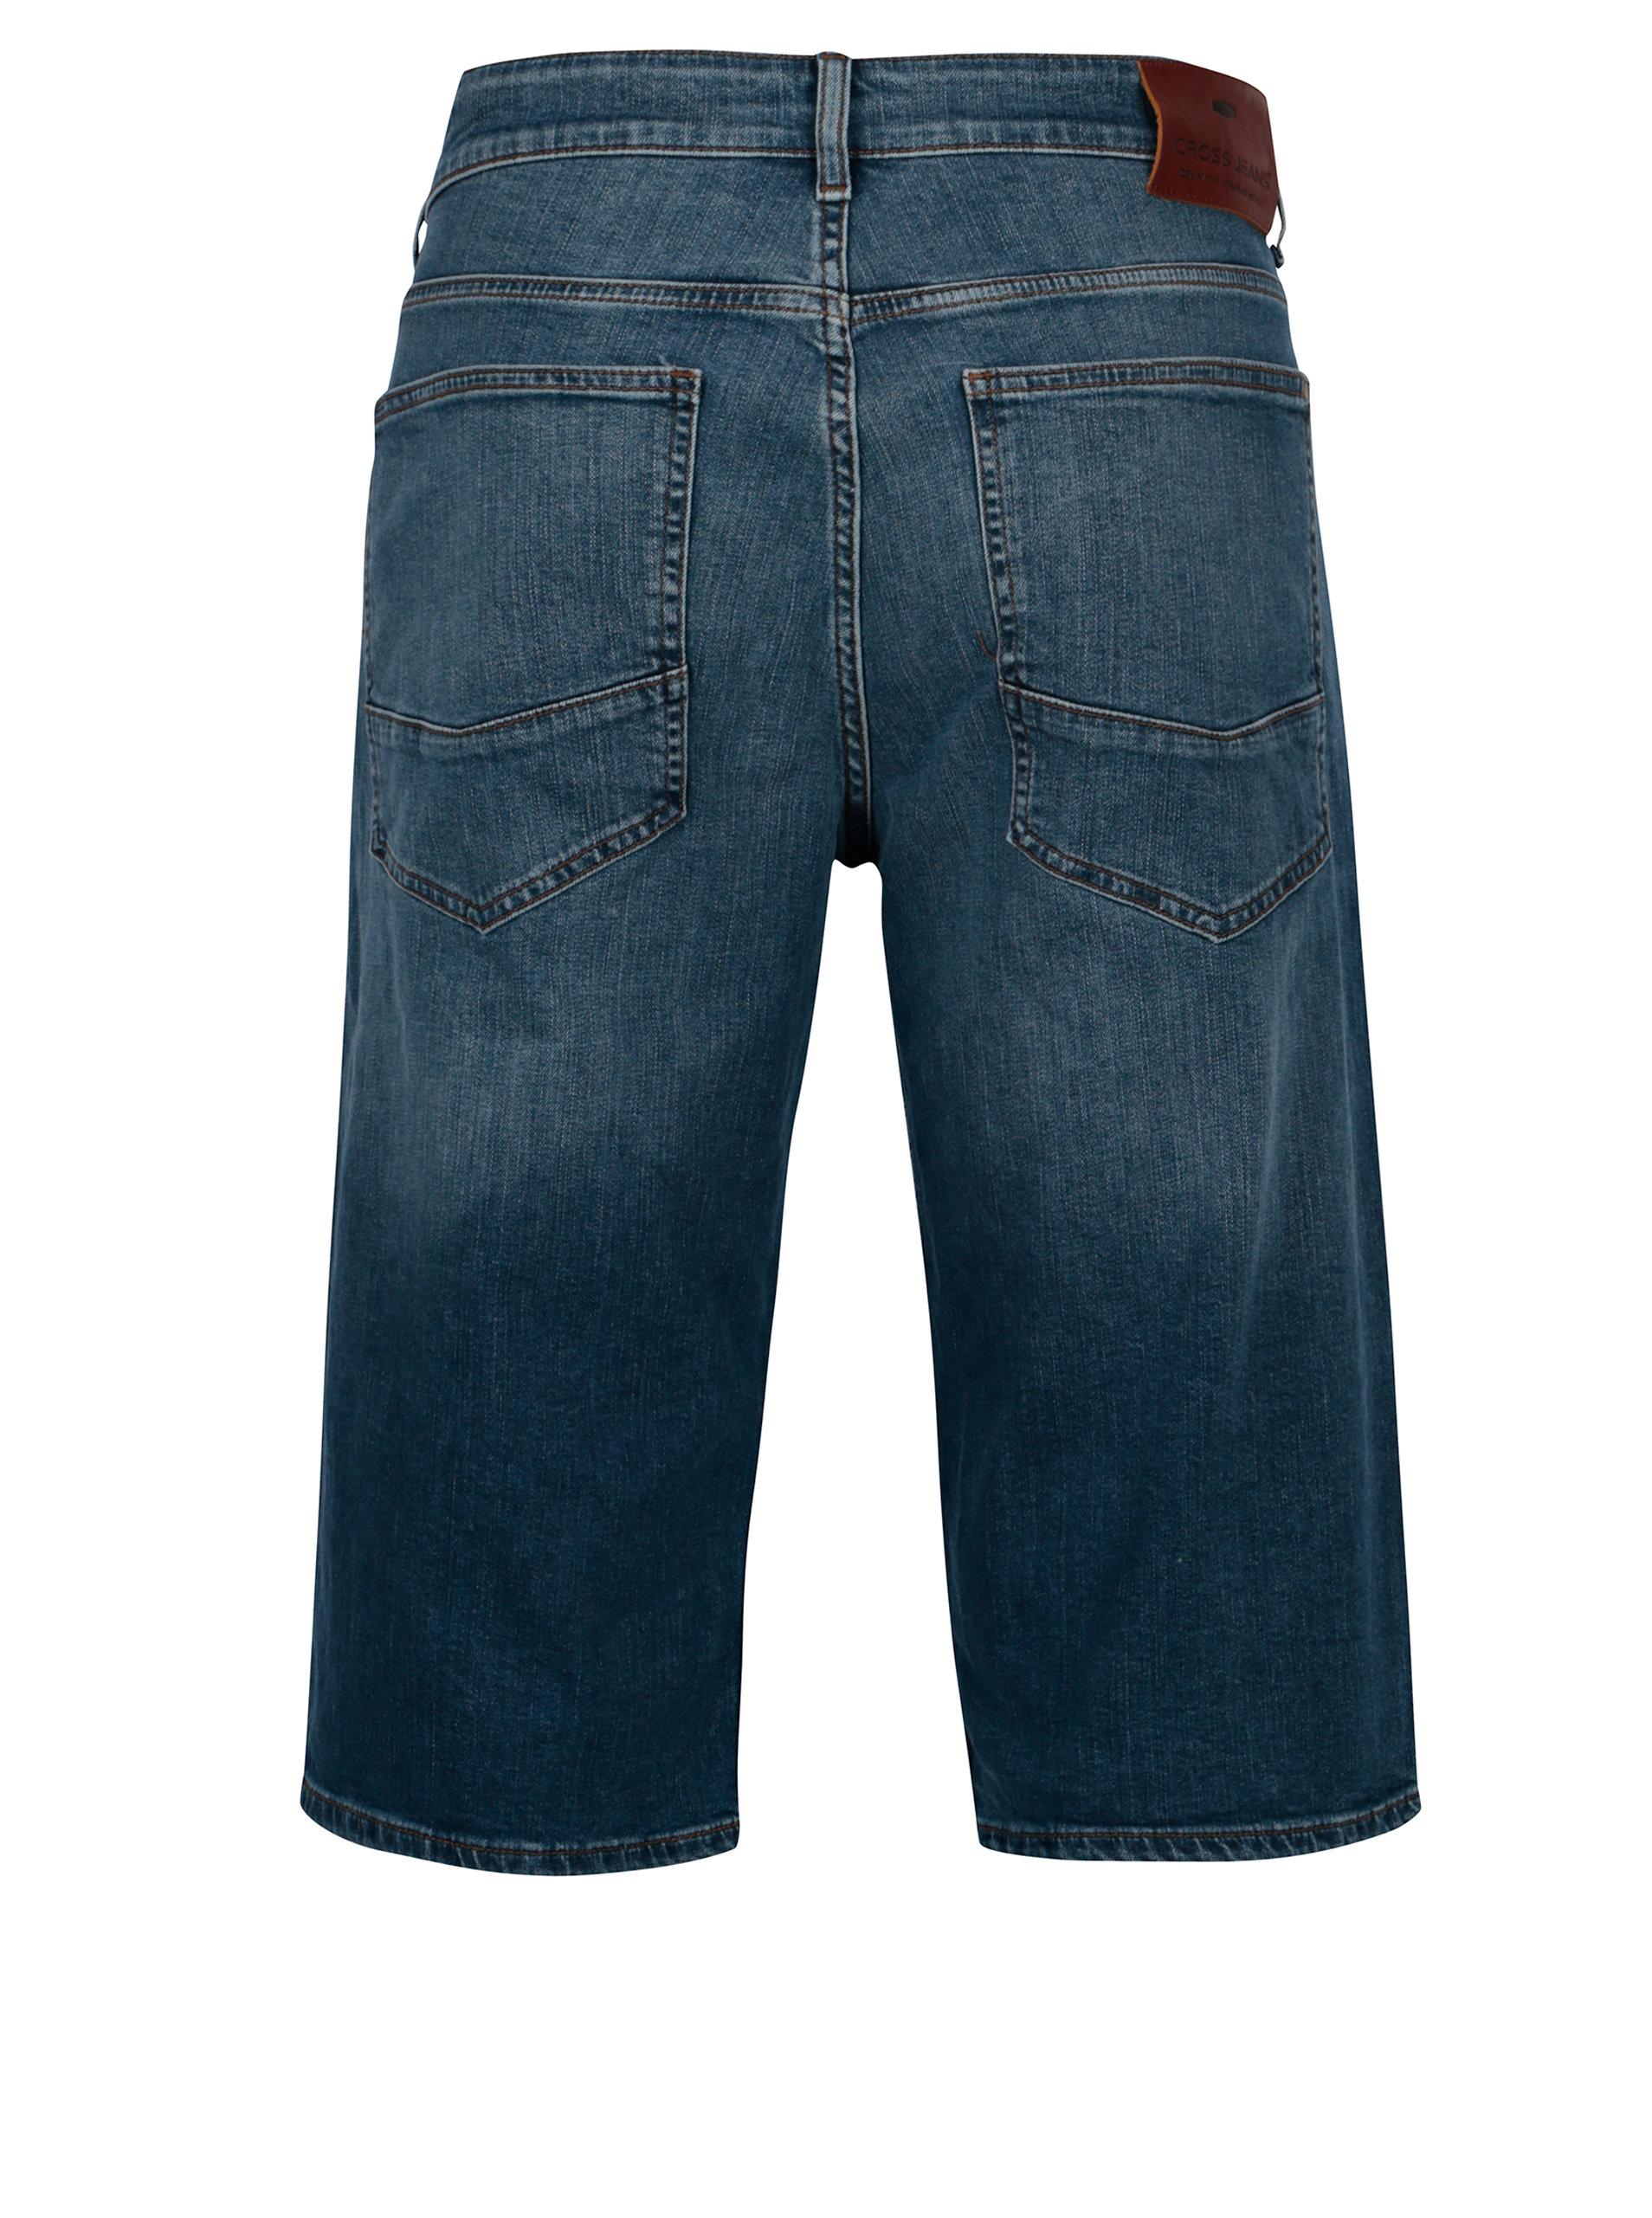 0906ad4bcf3 Modré pánské regular džínové kraťasy Cross Jeans ...